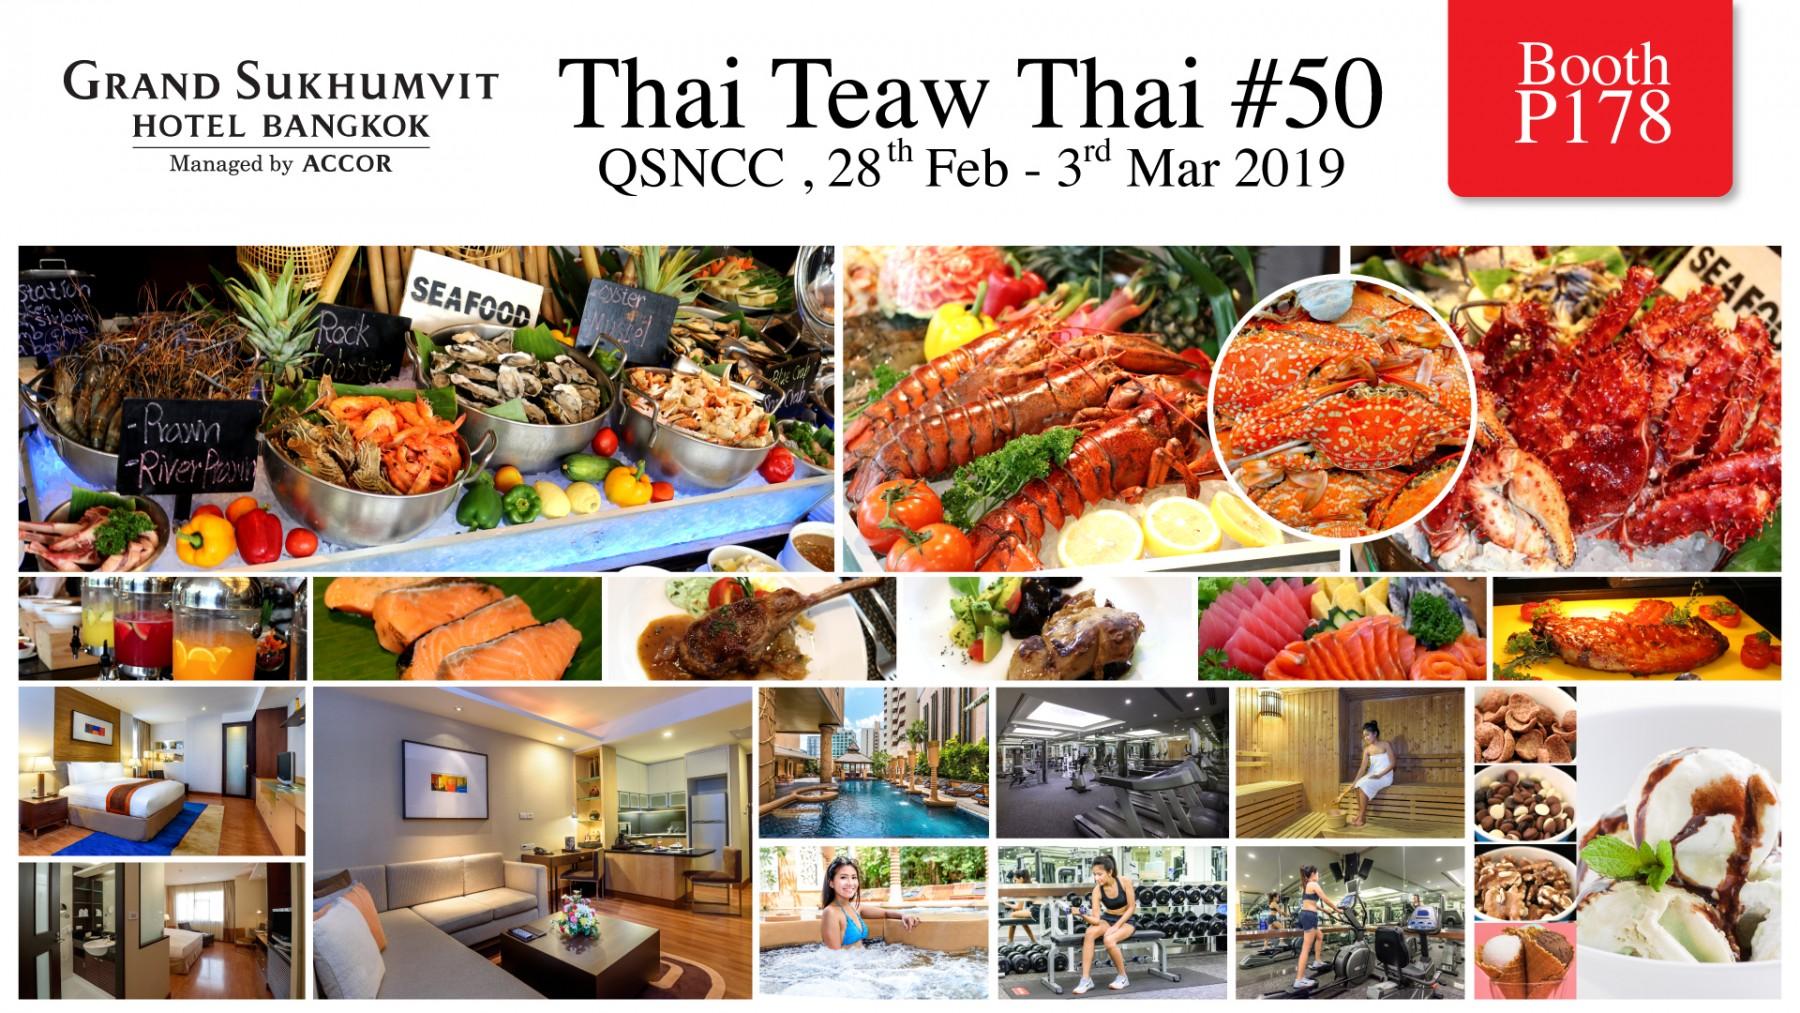 thai-teaw-thai50-booth-p178